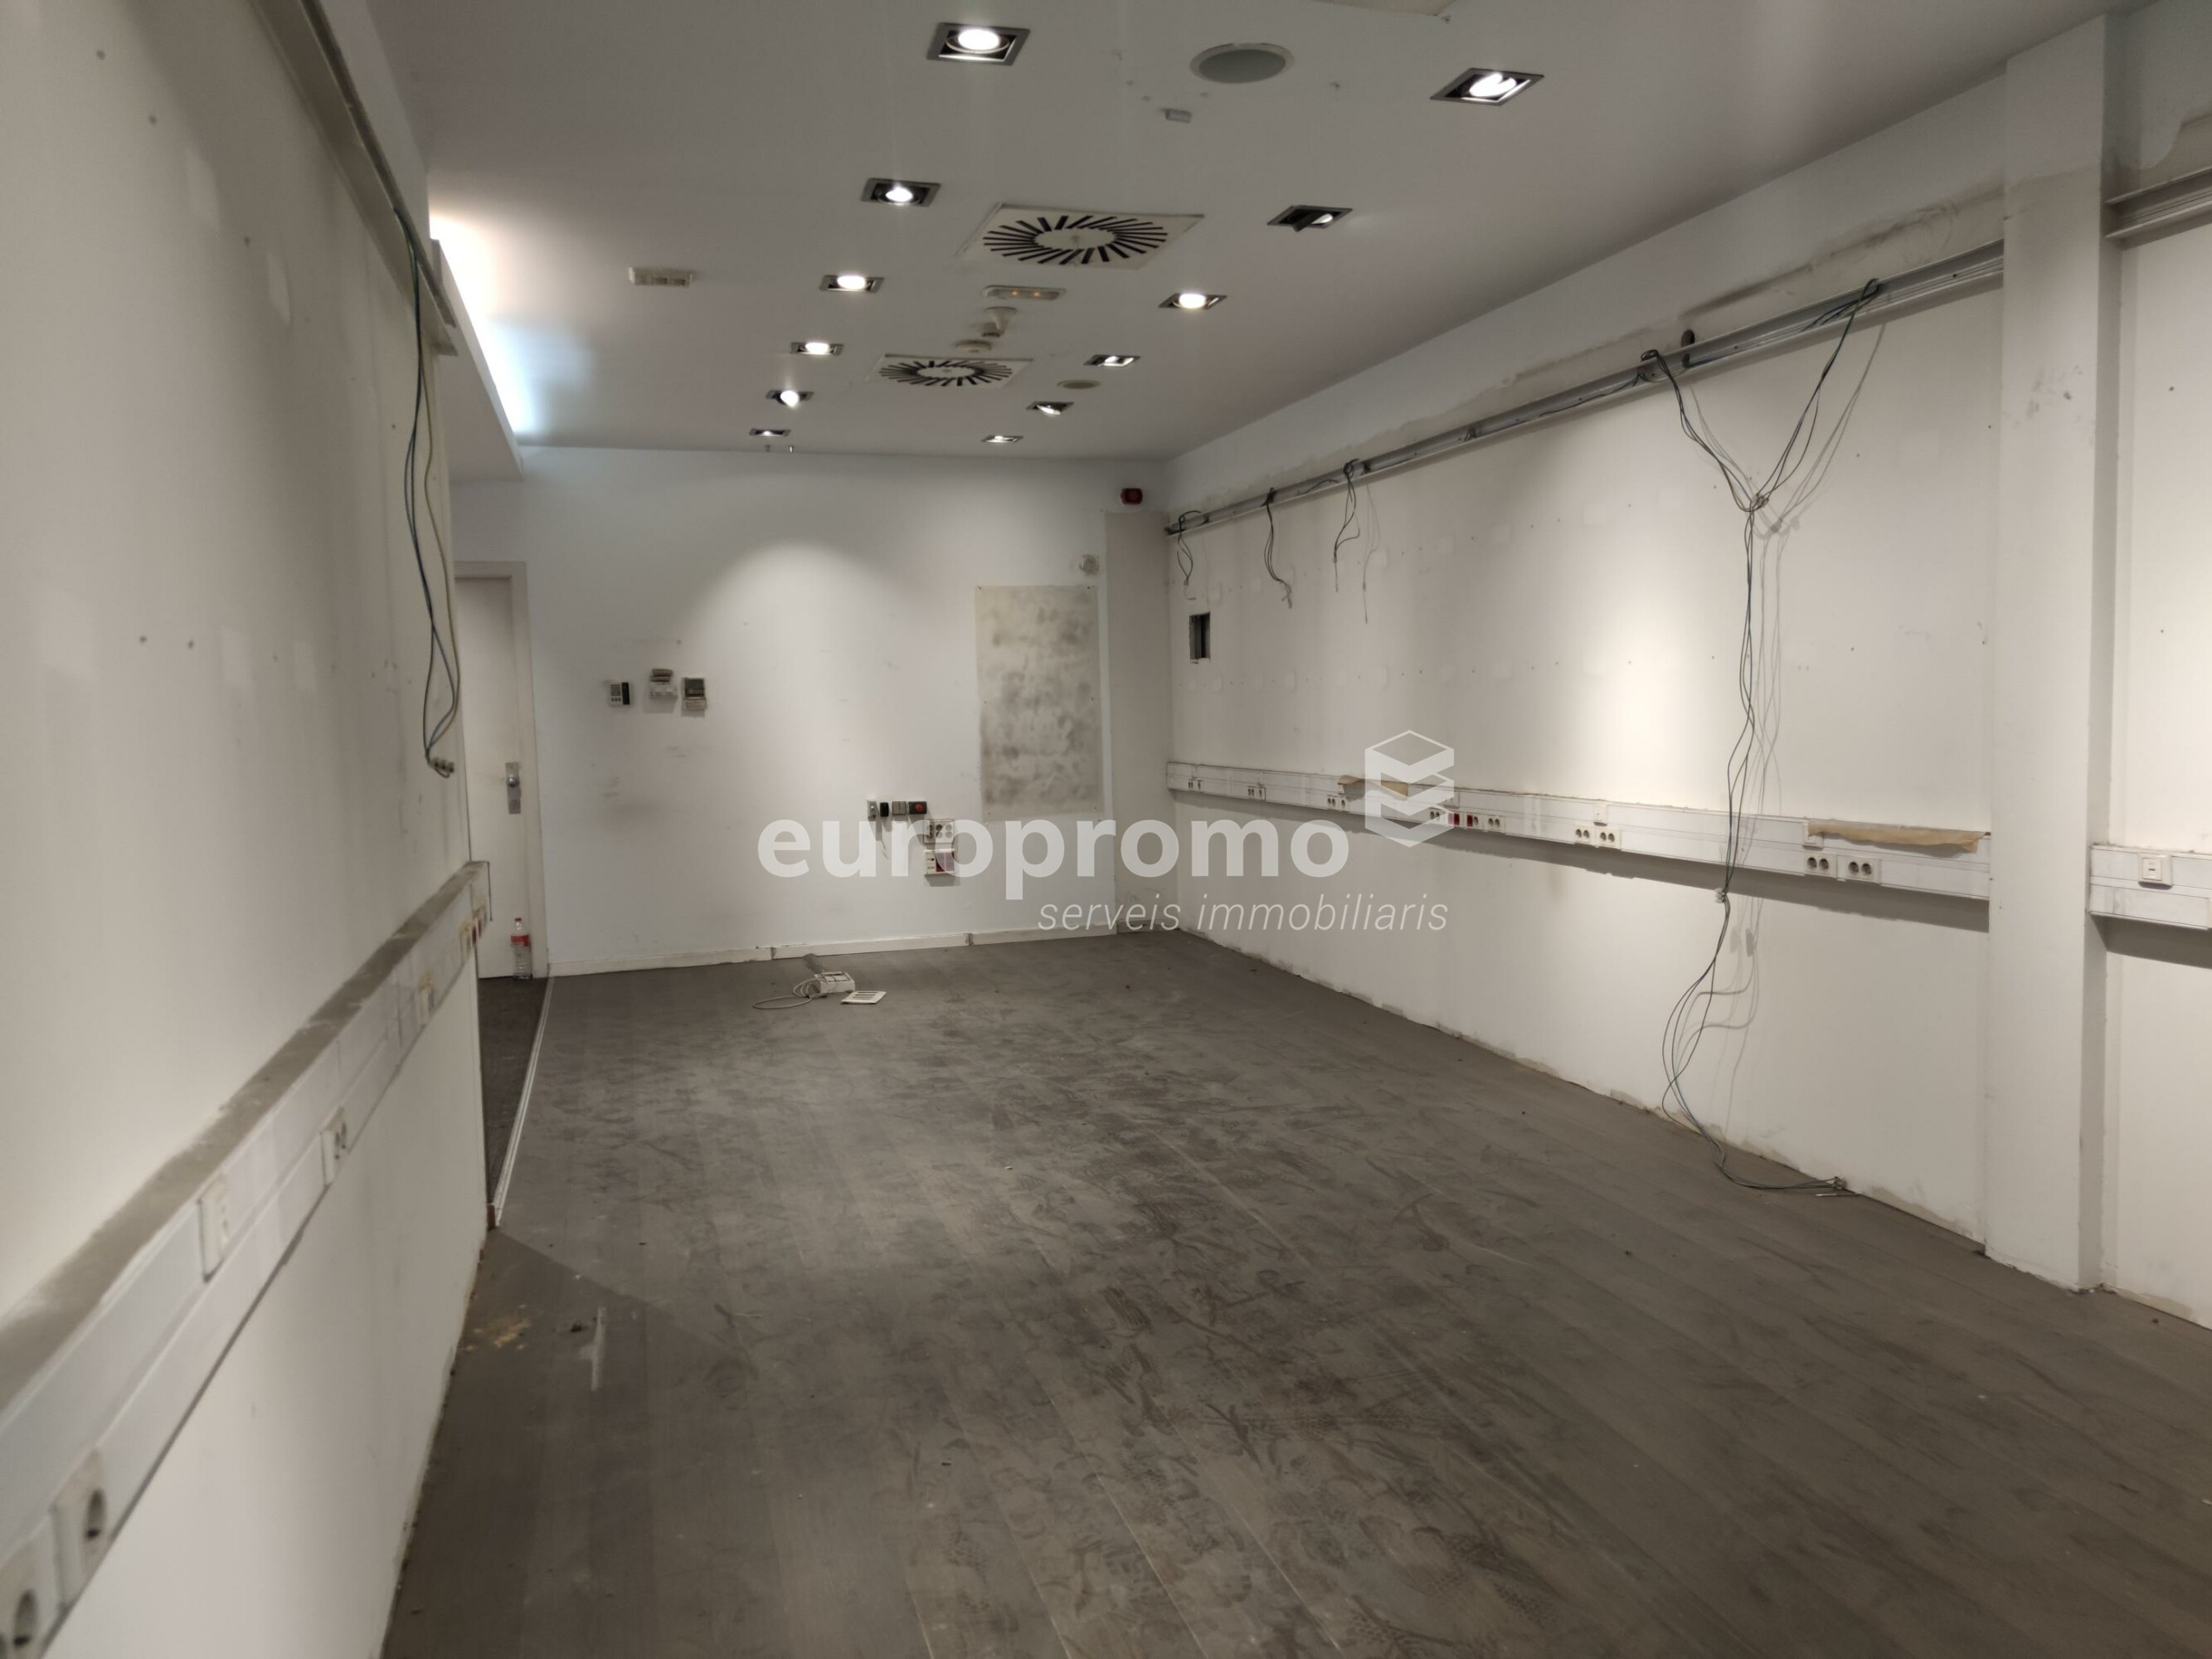 Fantàstic local de 78 m² situat a primera línia i millor zona comercial de la ciutat!